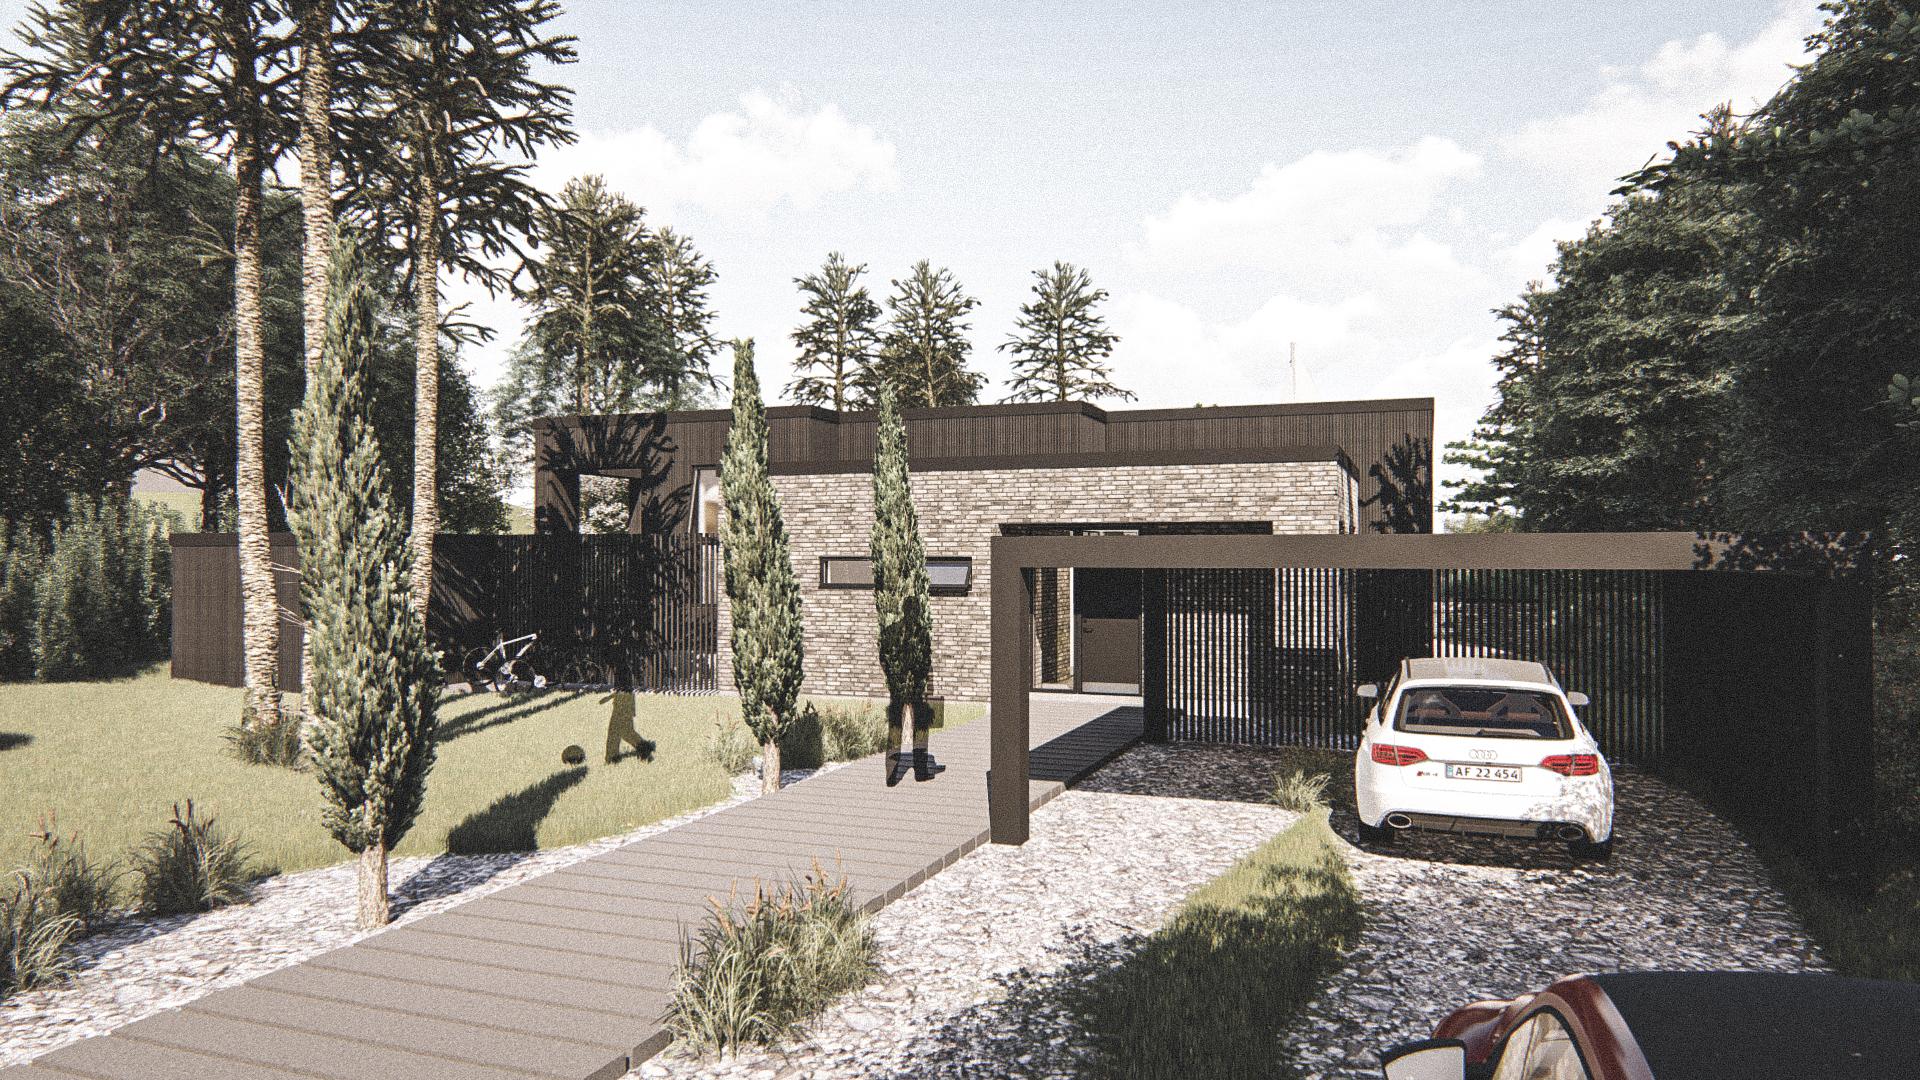 Billede af Dansk arkitekttegnet 2 plan villa af arkitektfirmaet m2plus, i Silkeborg på 265 kvartratmeter.